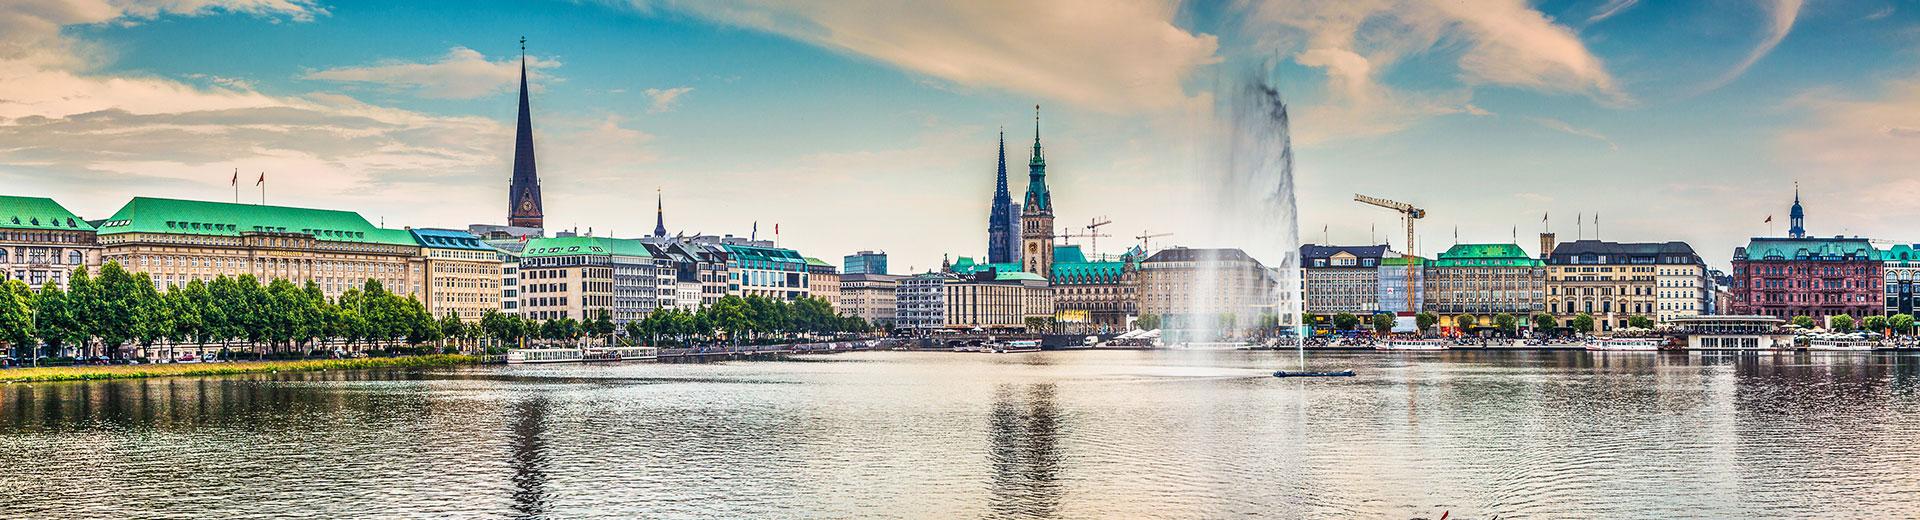 Voyage en groupe Hambourg - offre classique vol